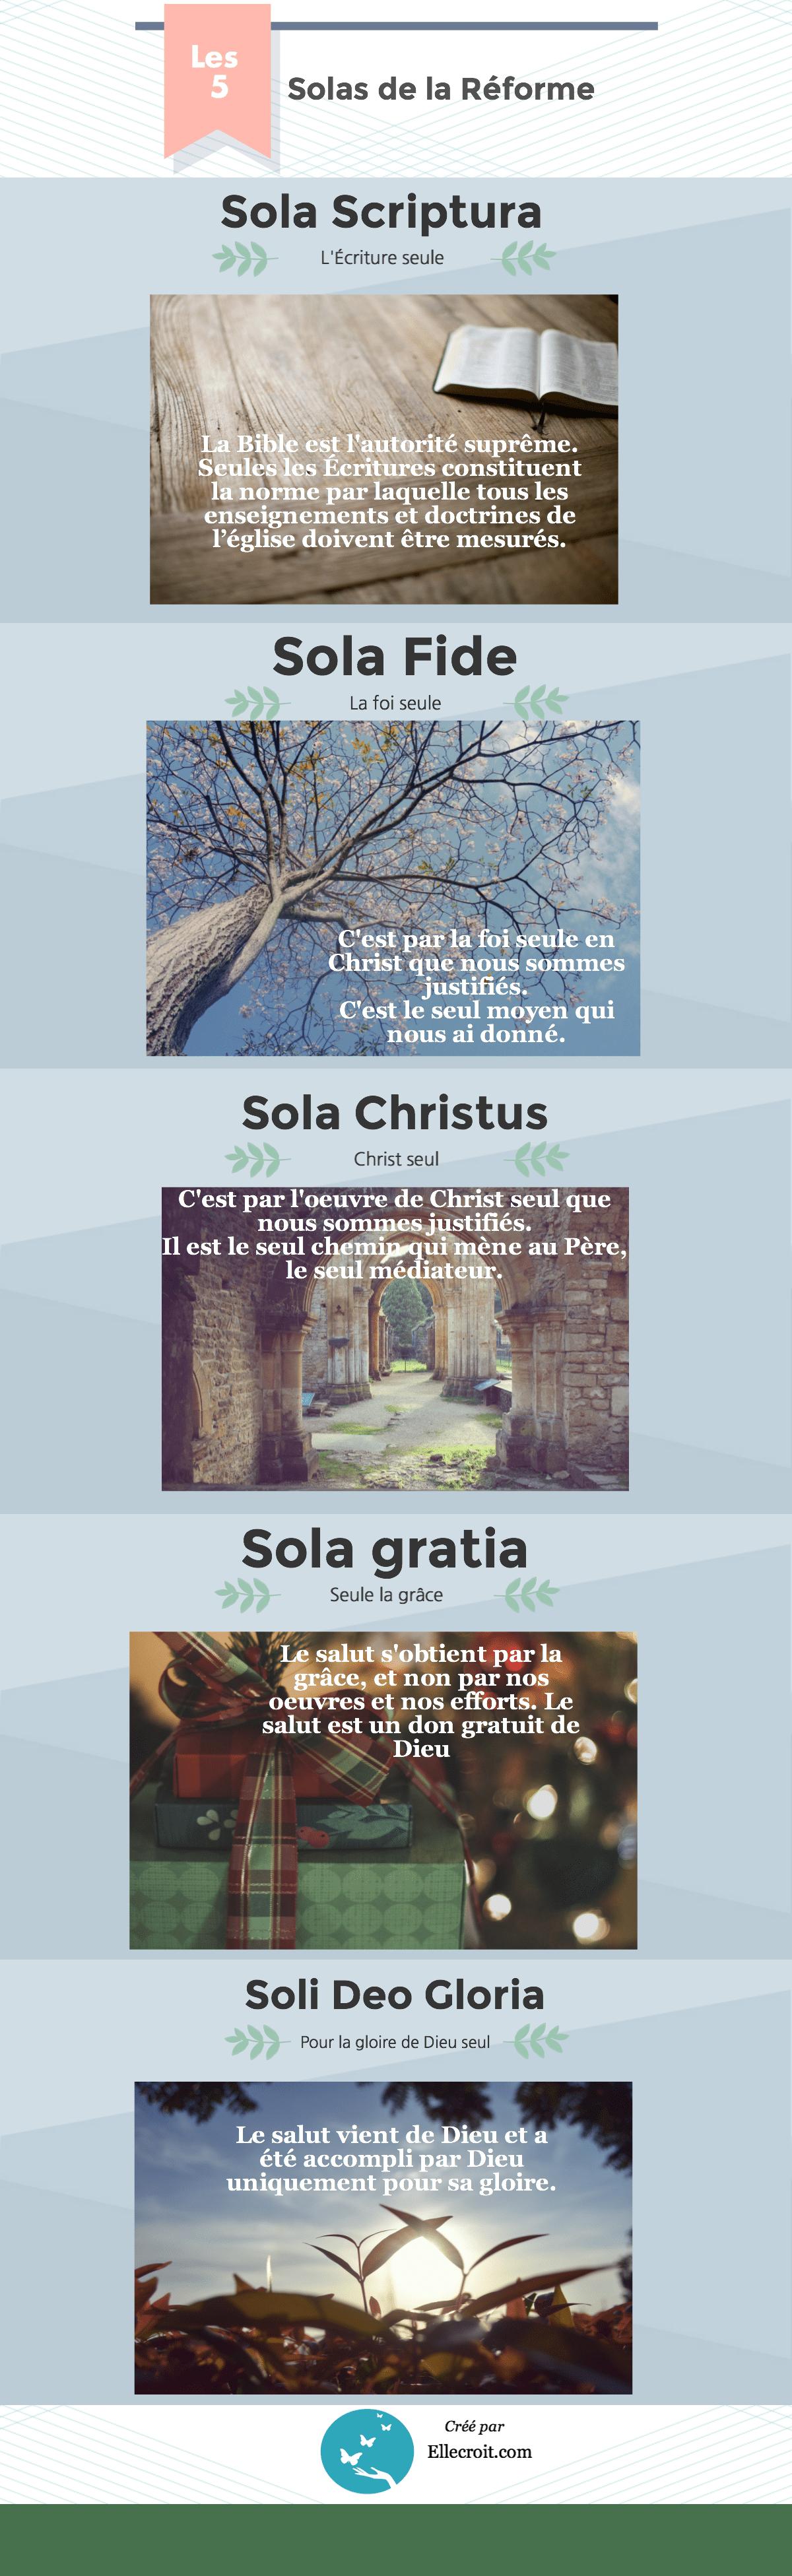 Les 5 Solas de la Réforme ellecroit.com